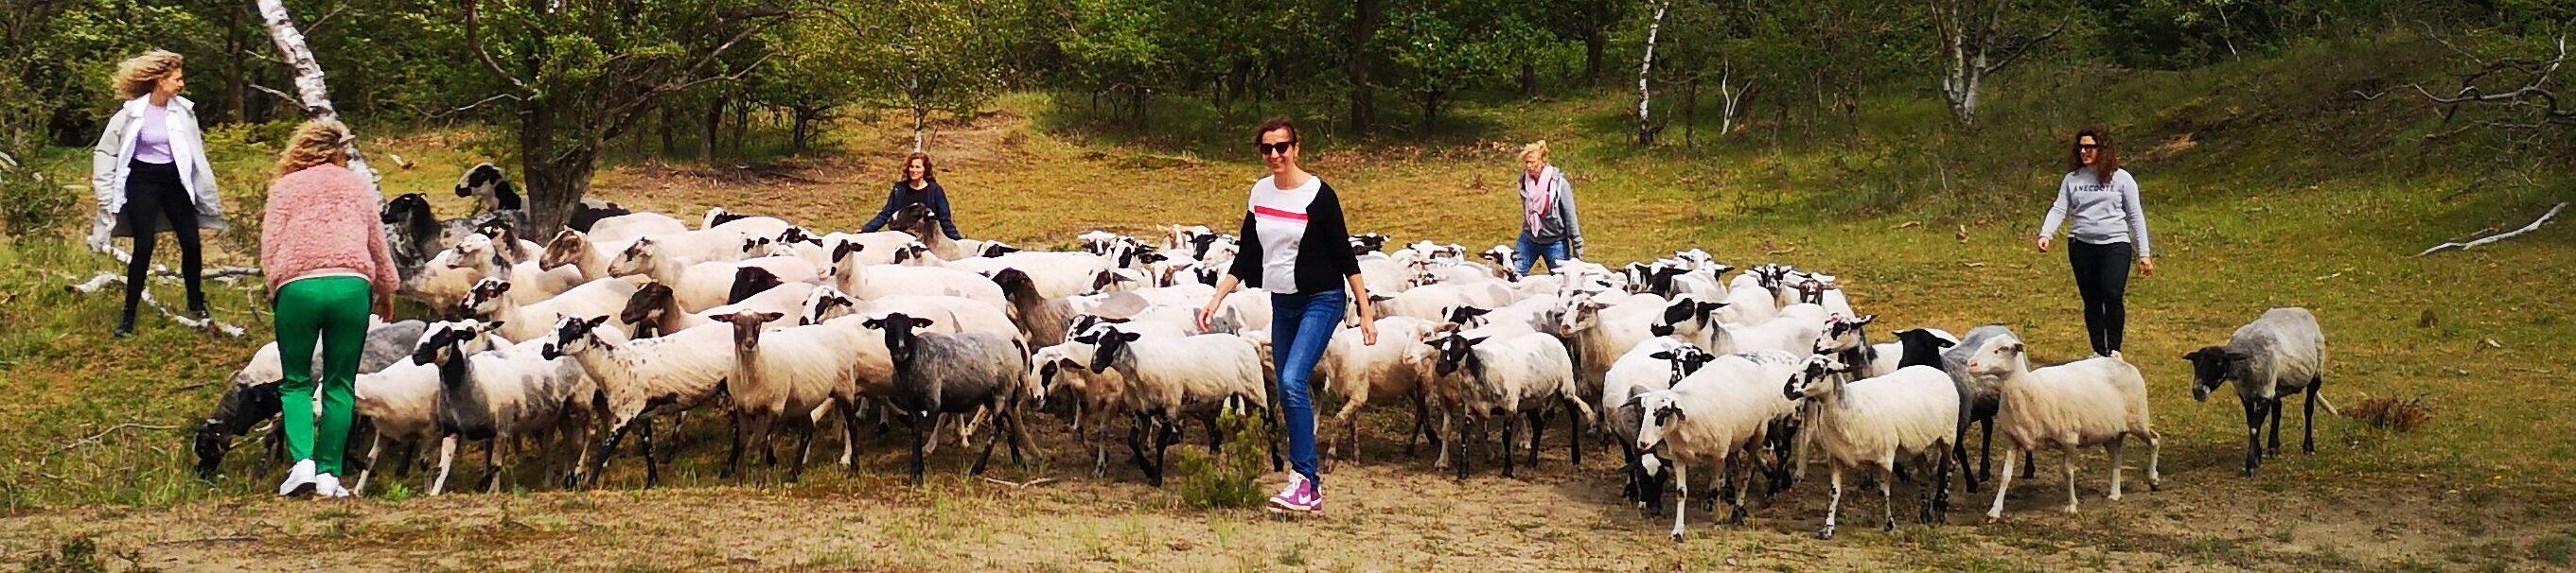 groep vrienden drijft de schaapskudde bijeen in het Nationaal Park Zuid Kennemerland in de workshop schapendrijven van Buitendag.nl als onderdeel van hun vrijgezellenfeest